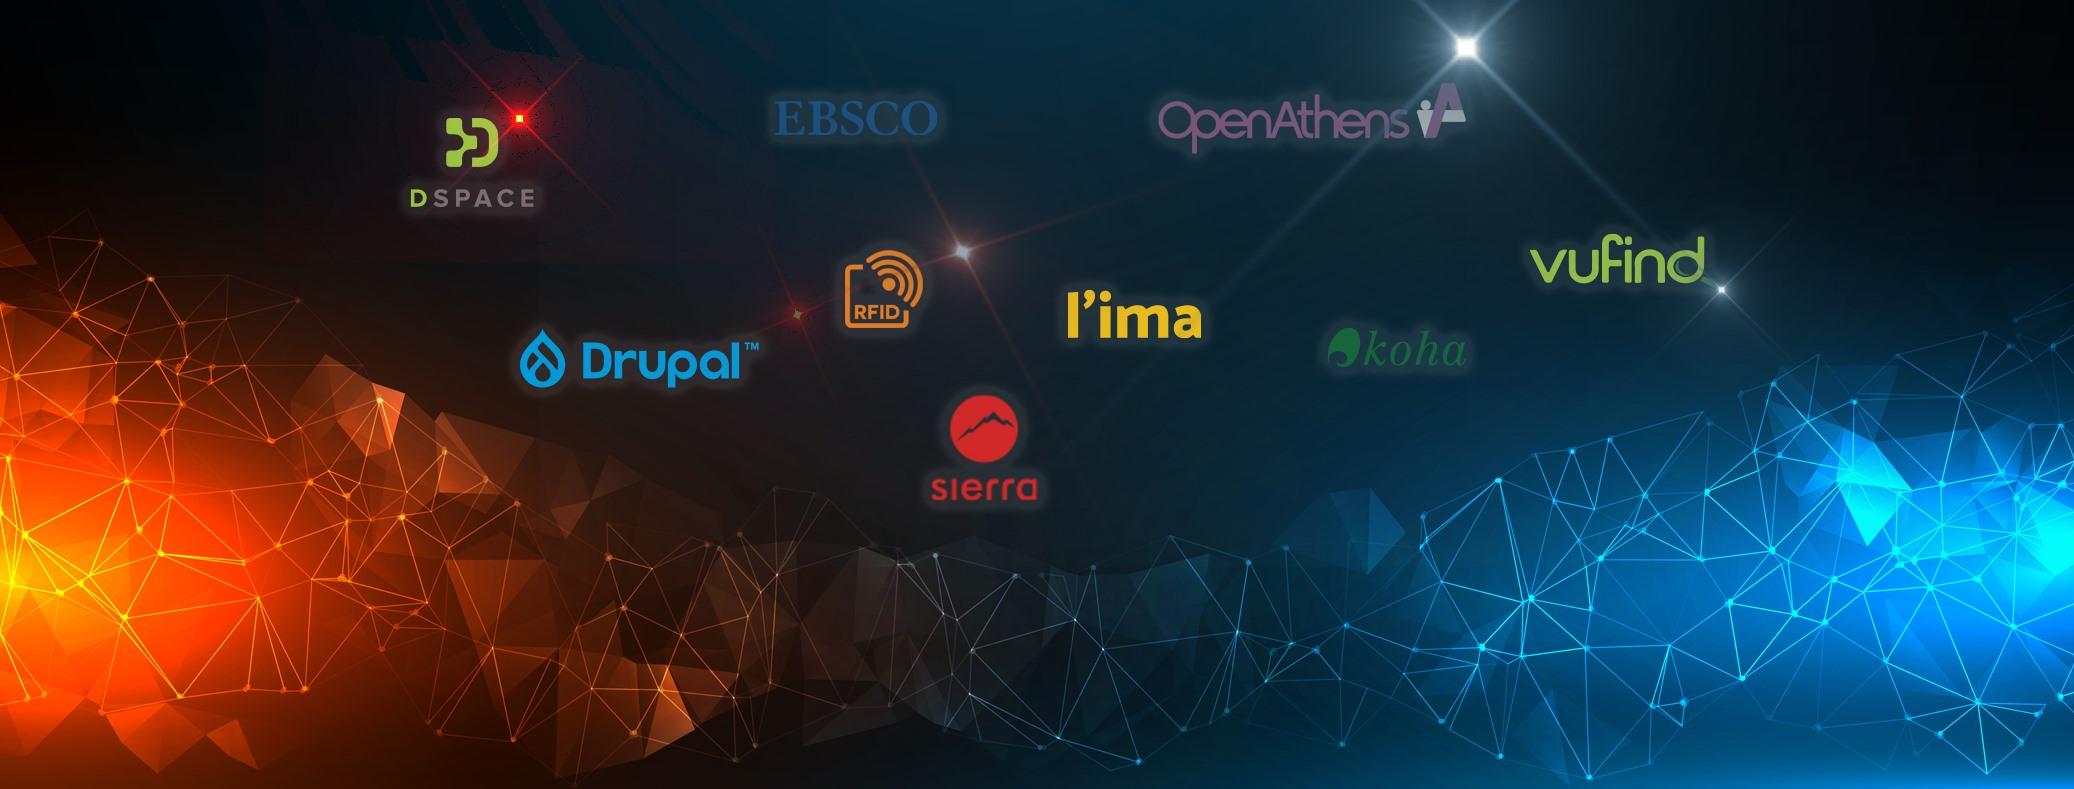 Công ty Cổ phần Tư vấn và Tích hợp Công nghệ D&L